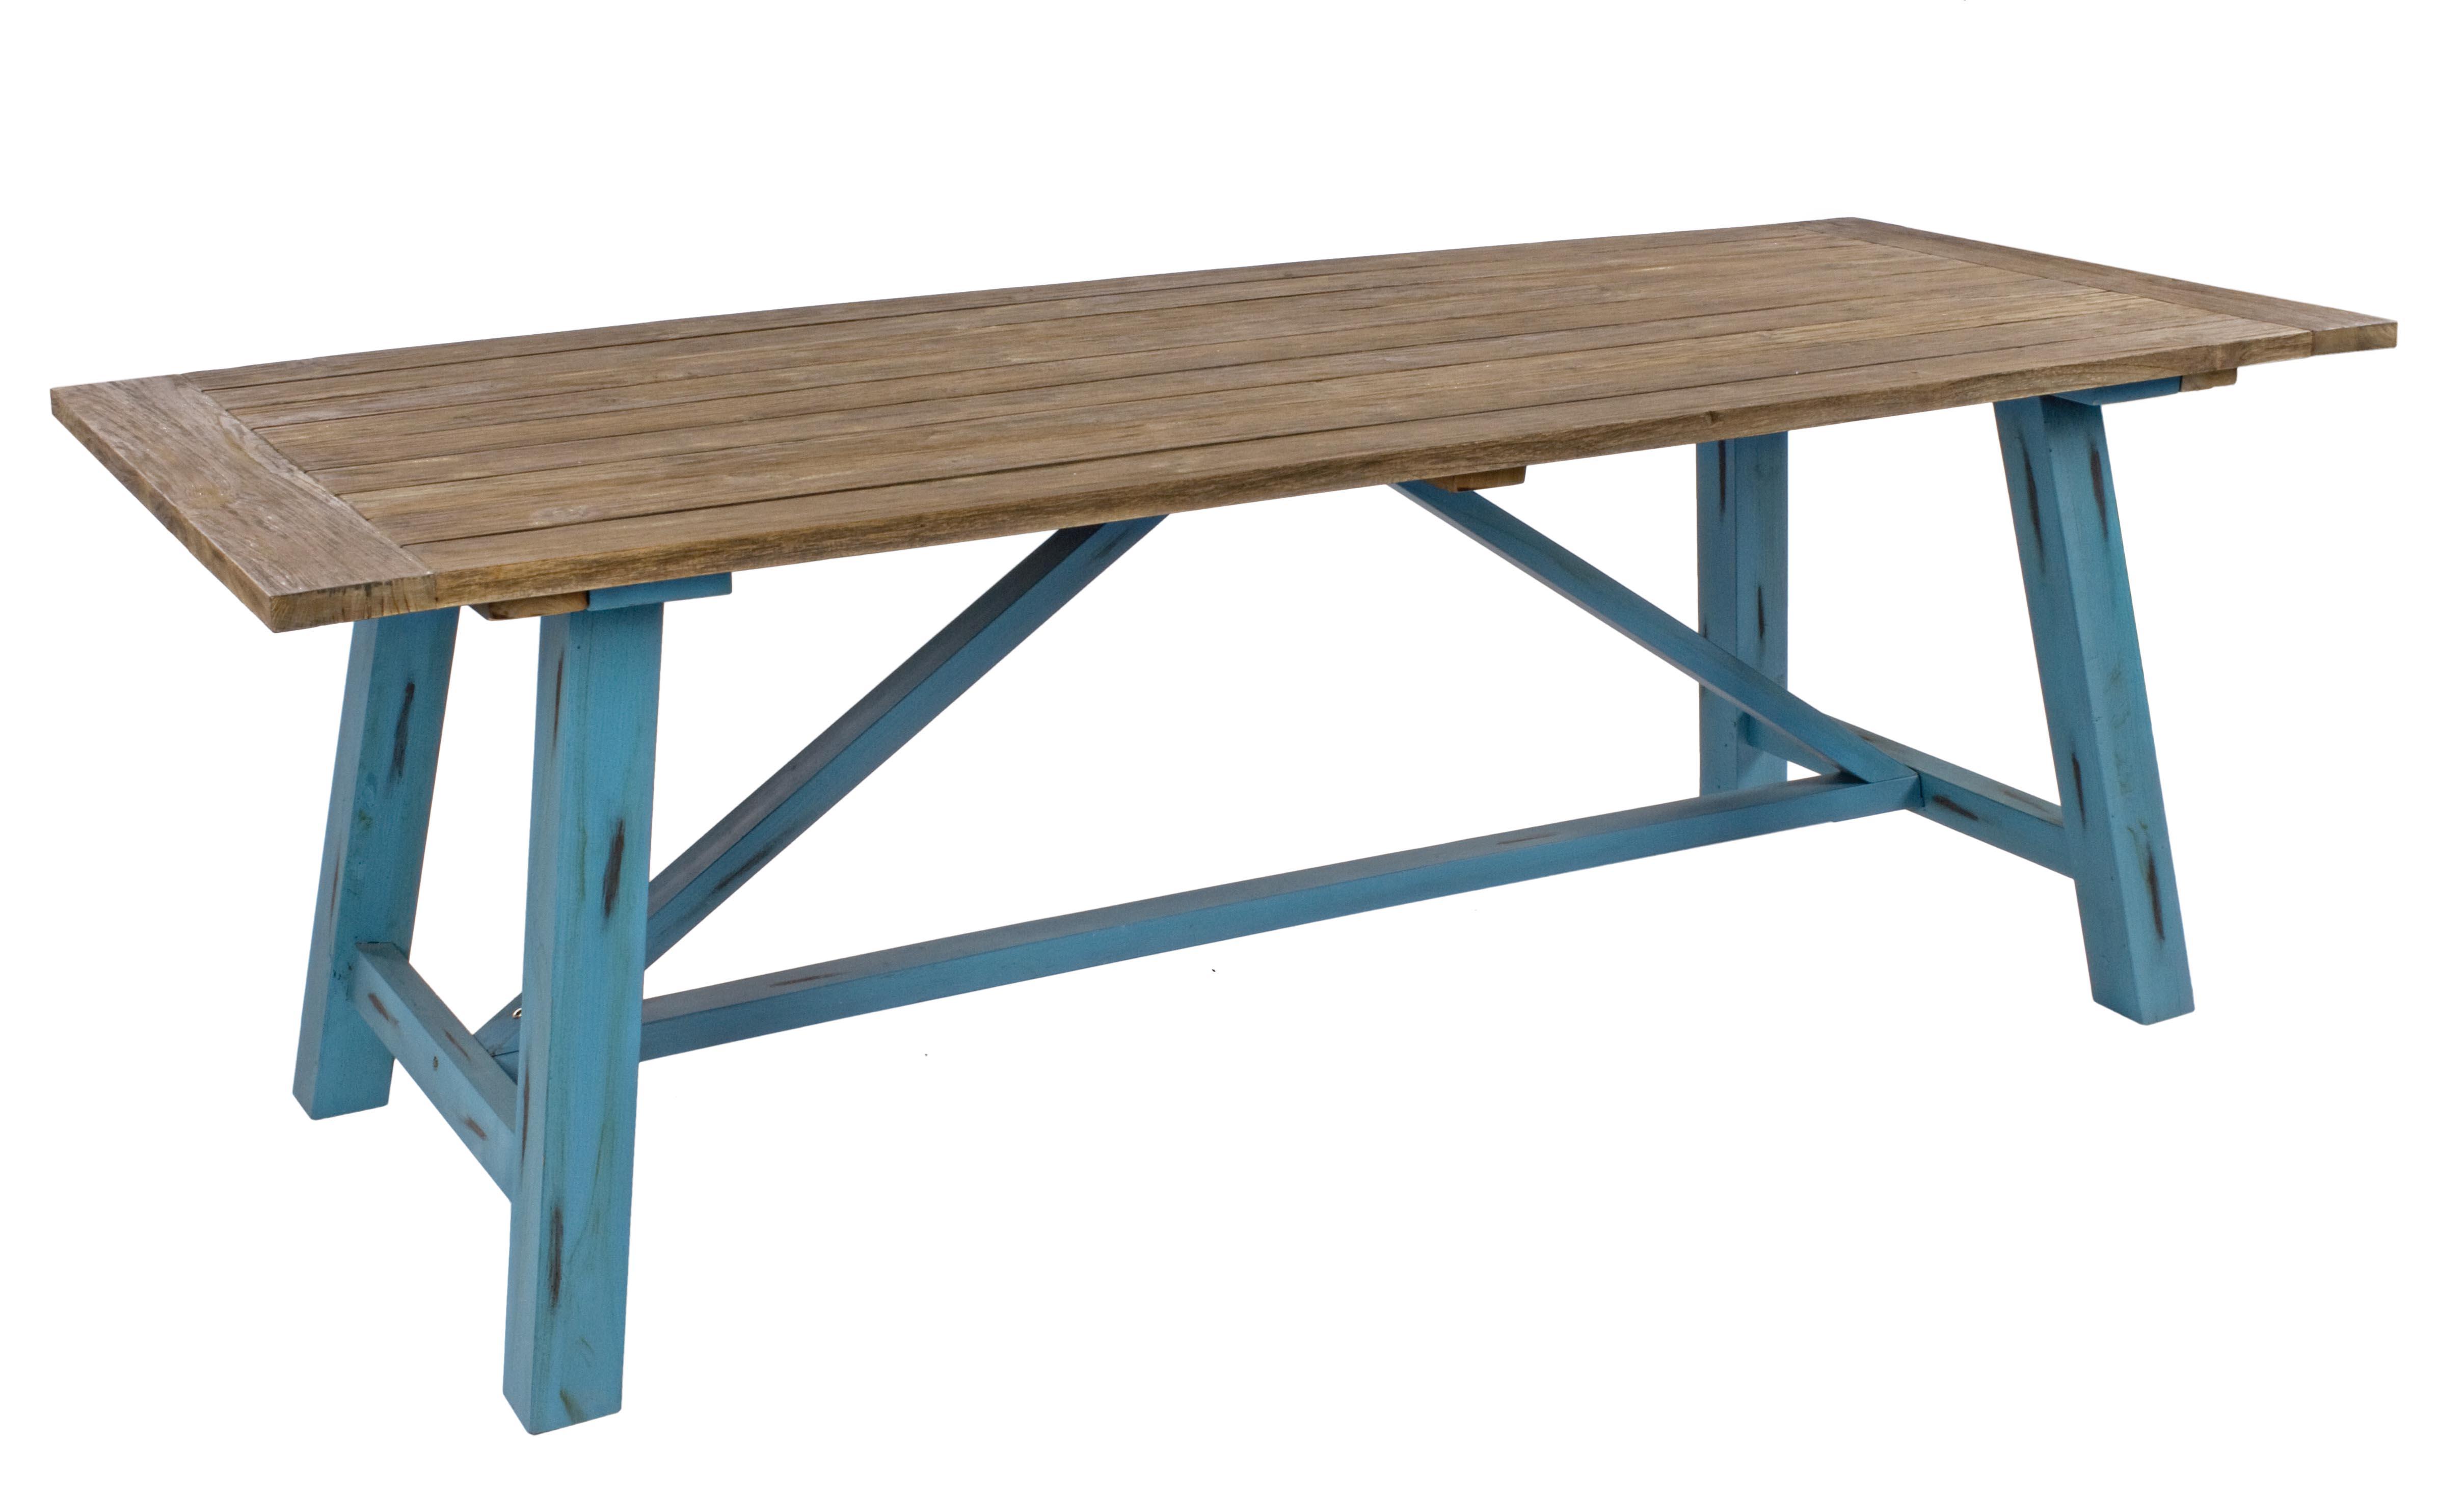 Juego comedor madera r stico pintura efecto envejecido for Mesas de salon de madera